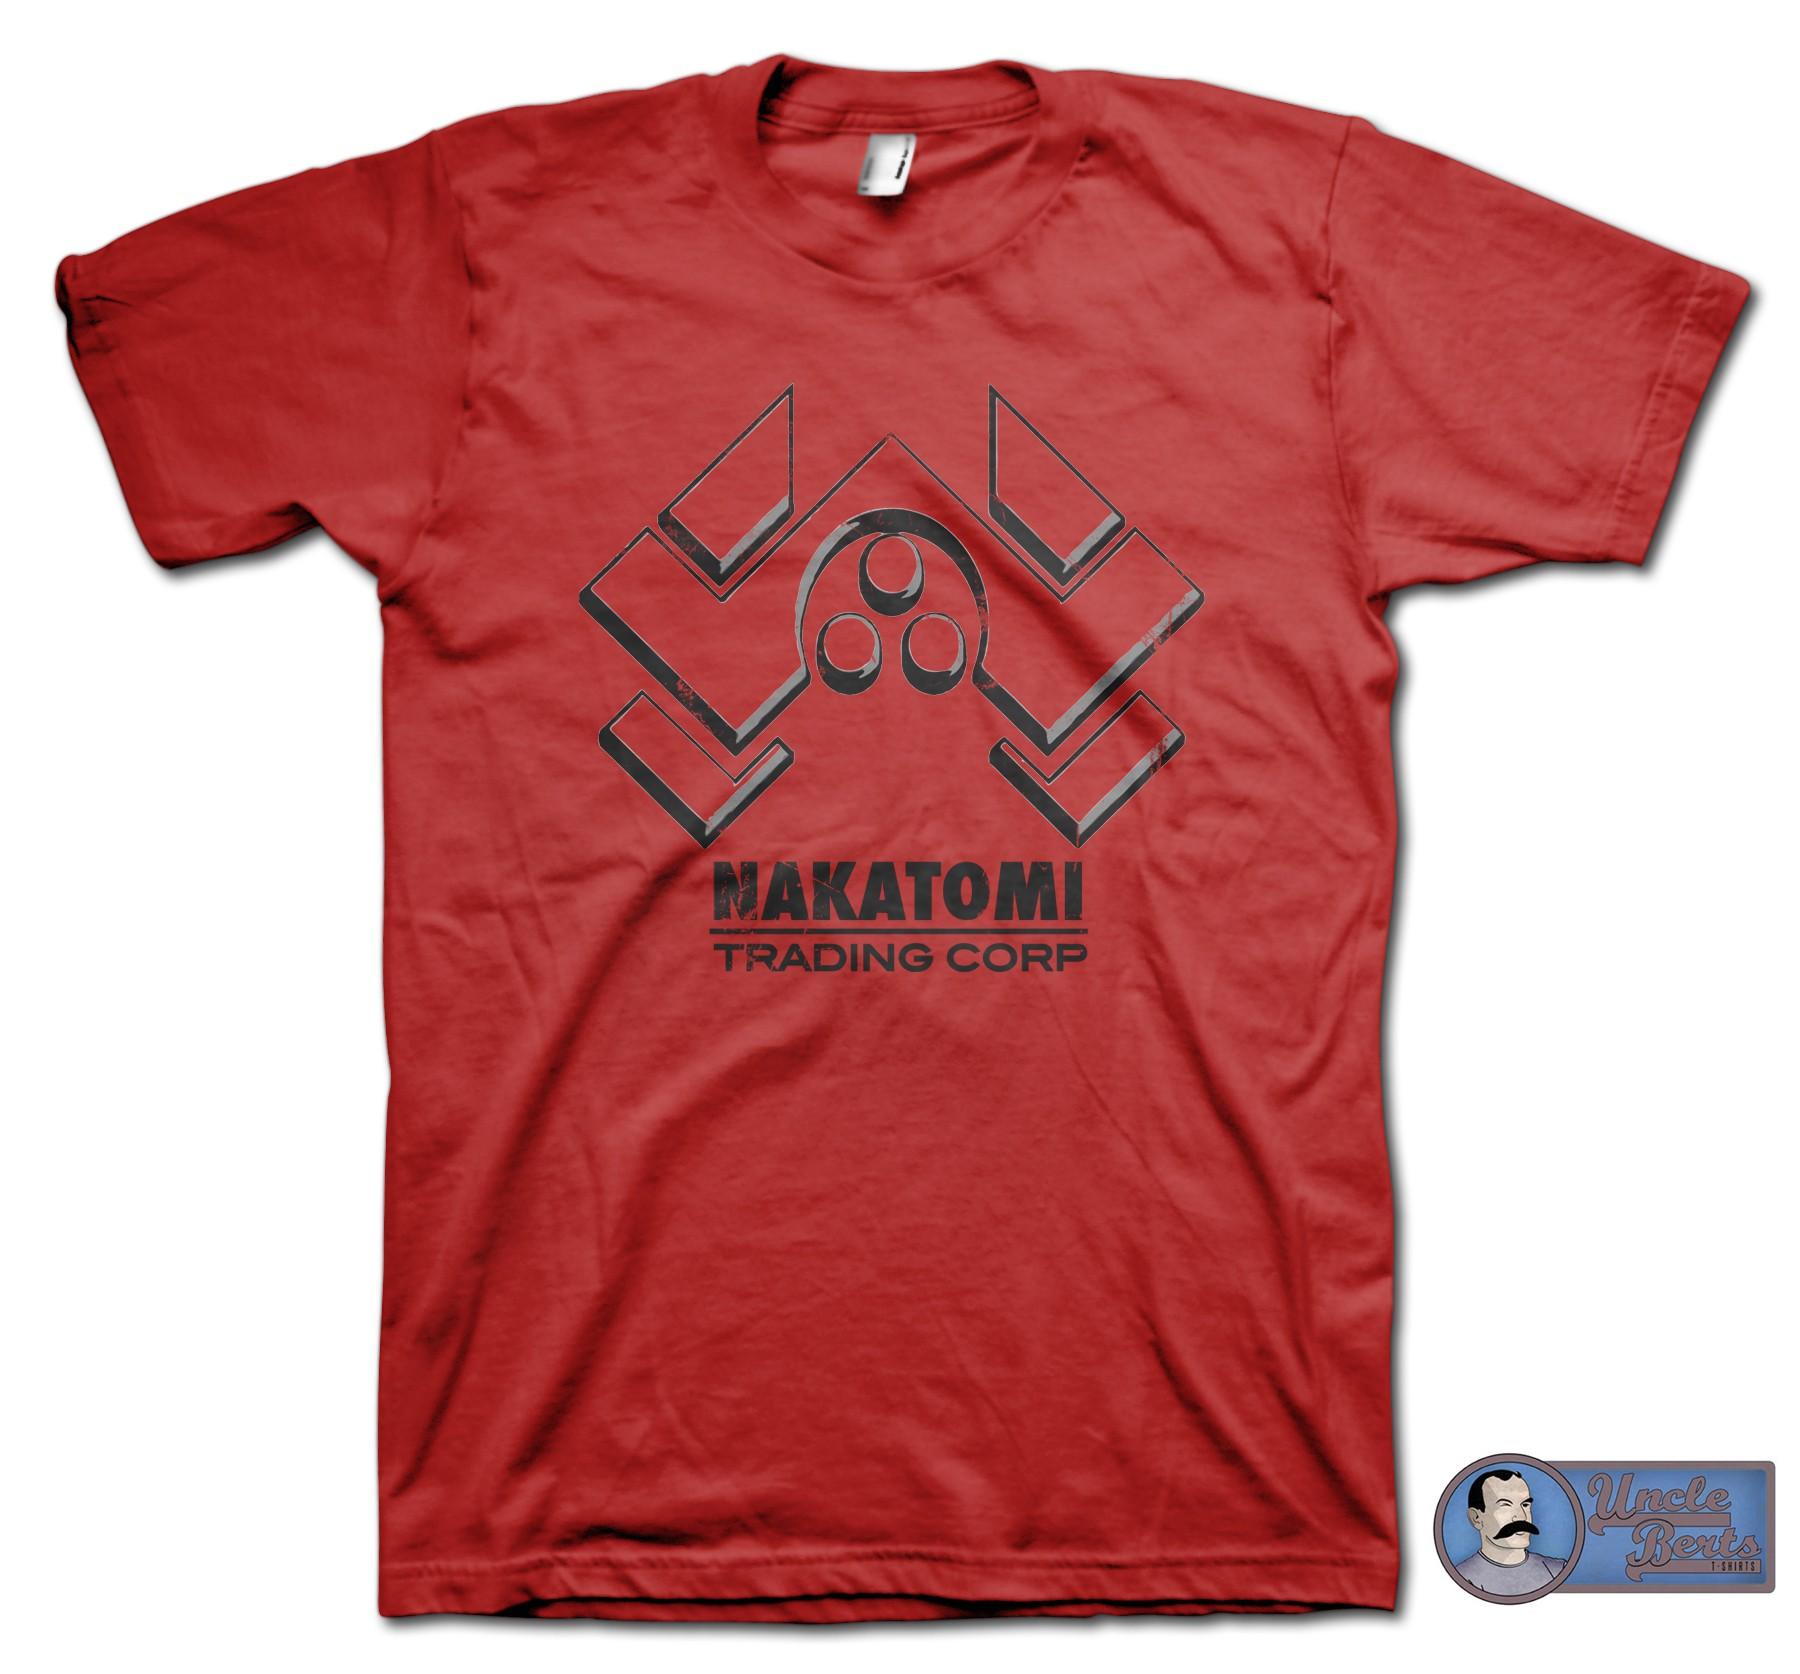 Die Hard (1988) inspired Nakatomi Trading Corp T-Shirt